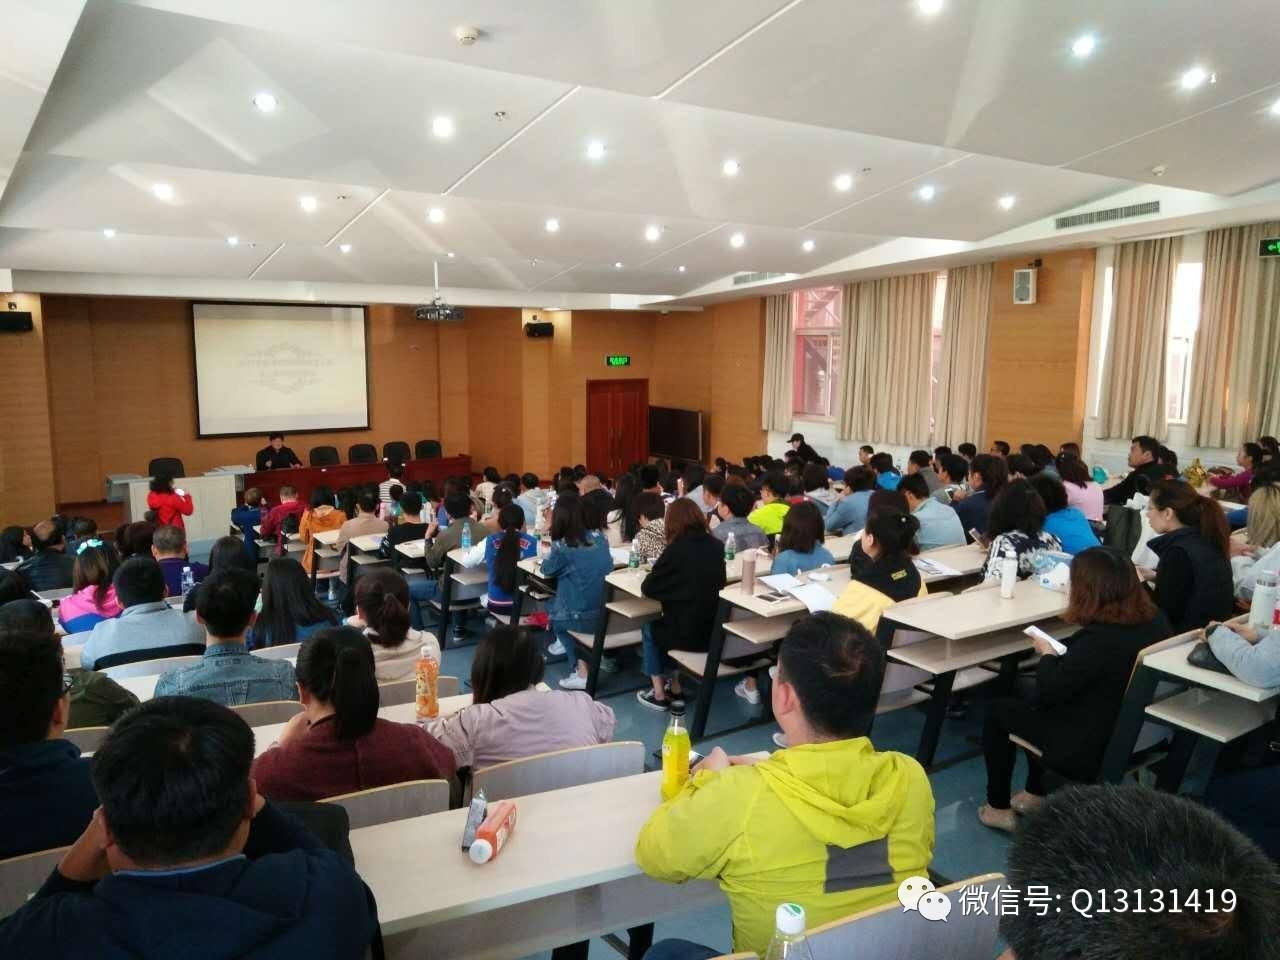 北京导游培训中心_北京导游员素质培训正在进行中......